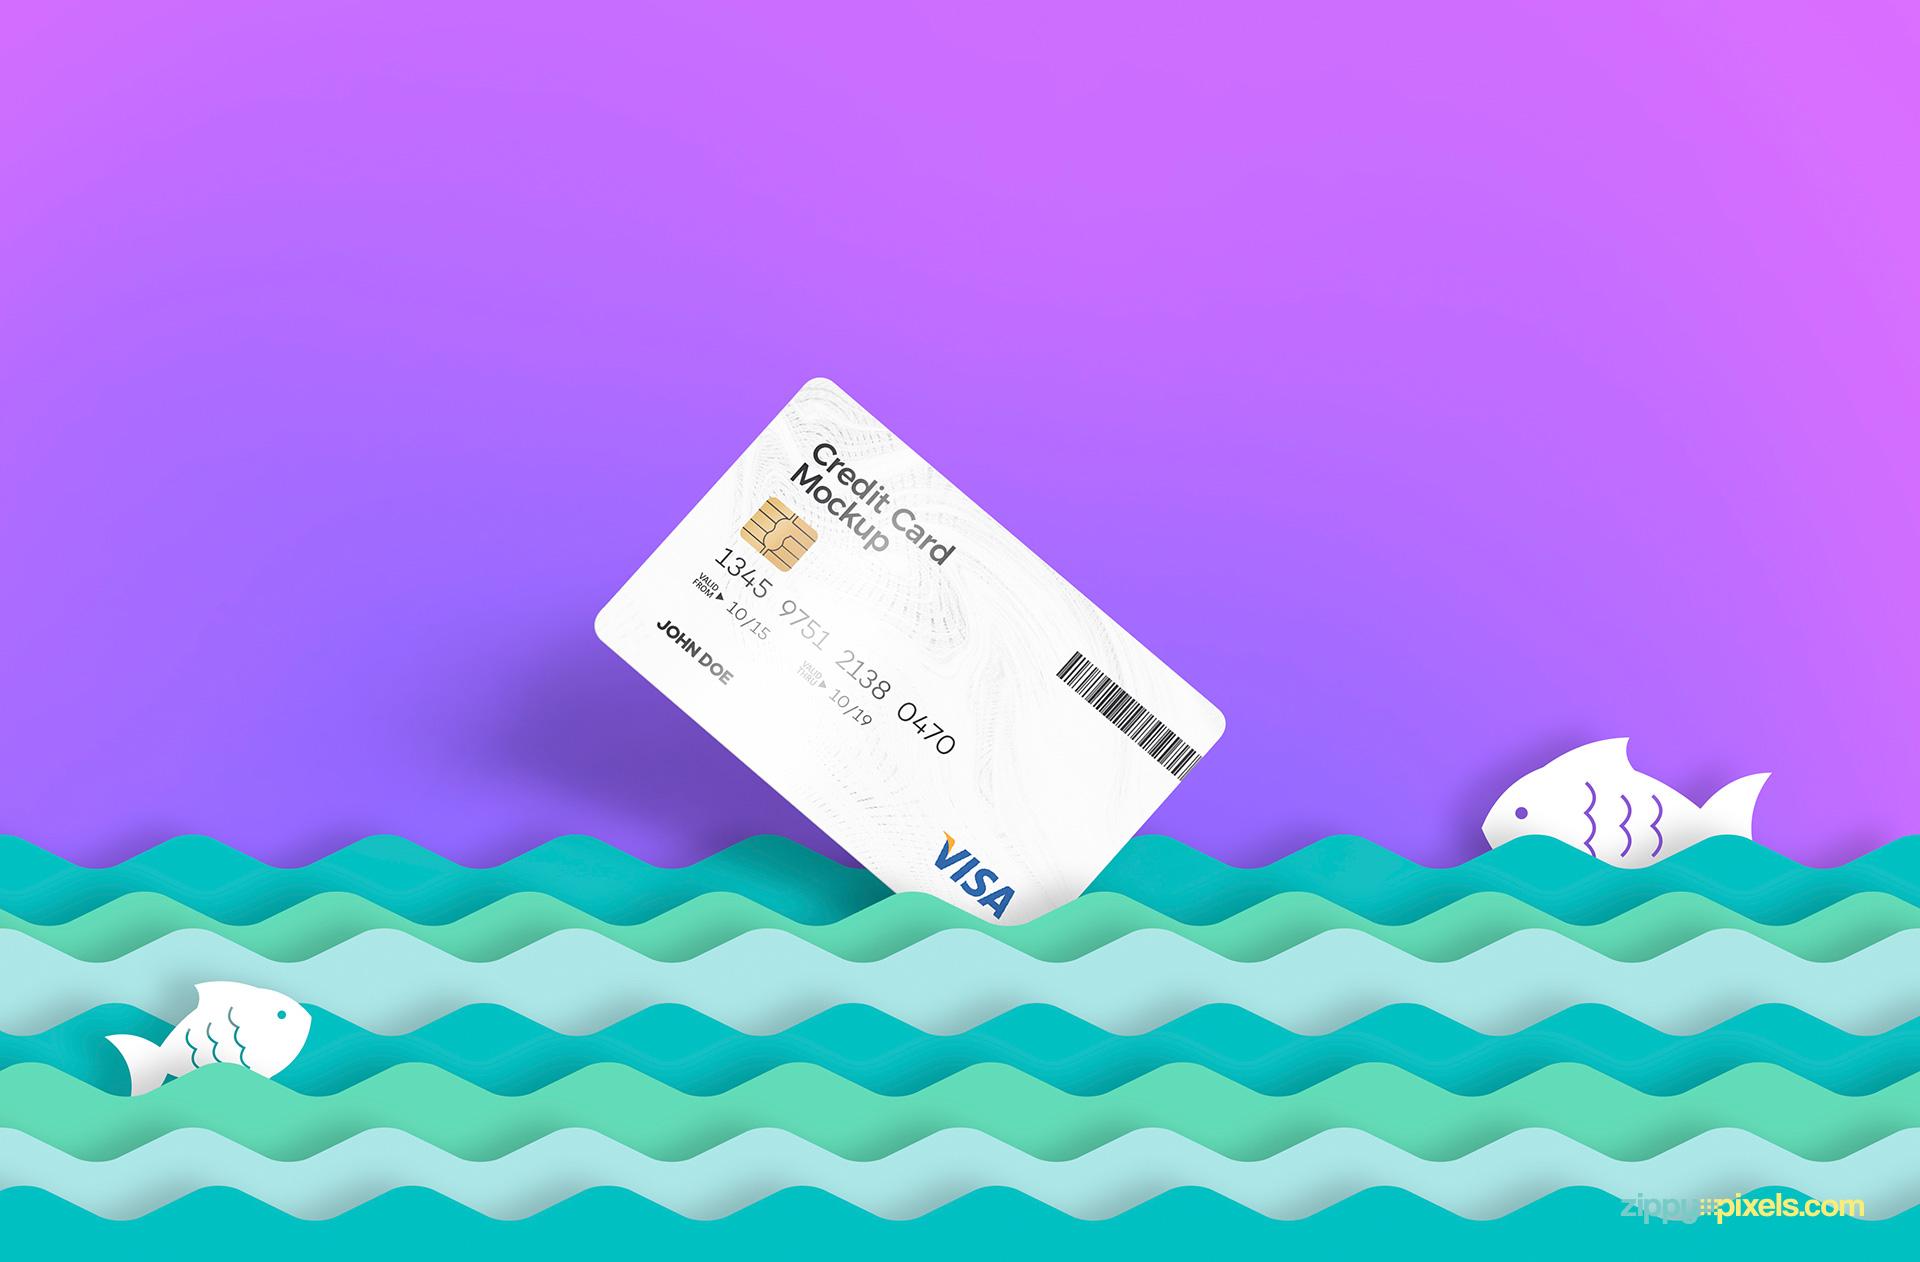 credit-card-mockup-bonus-1